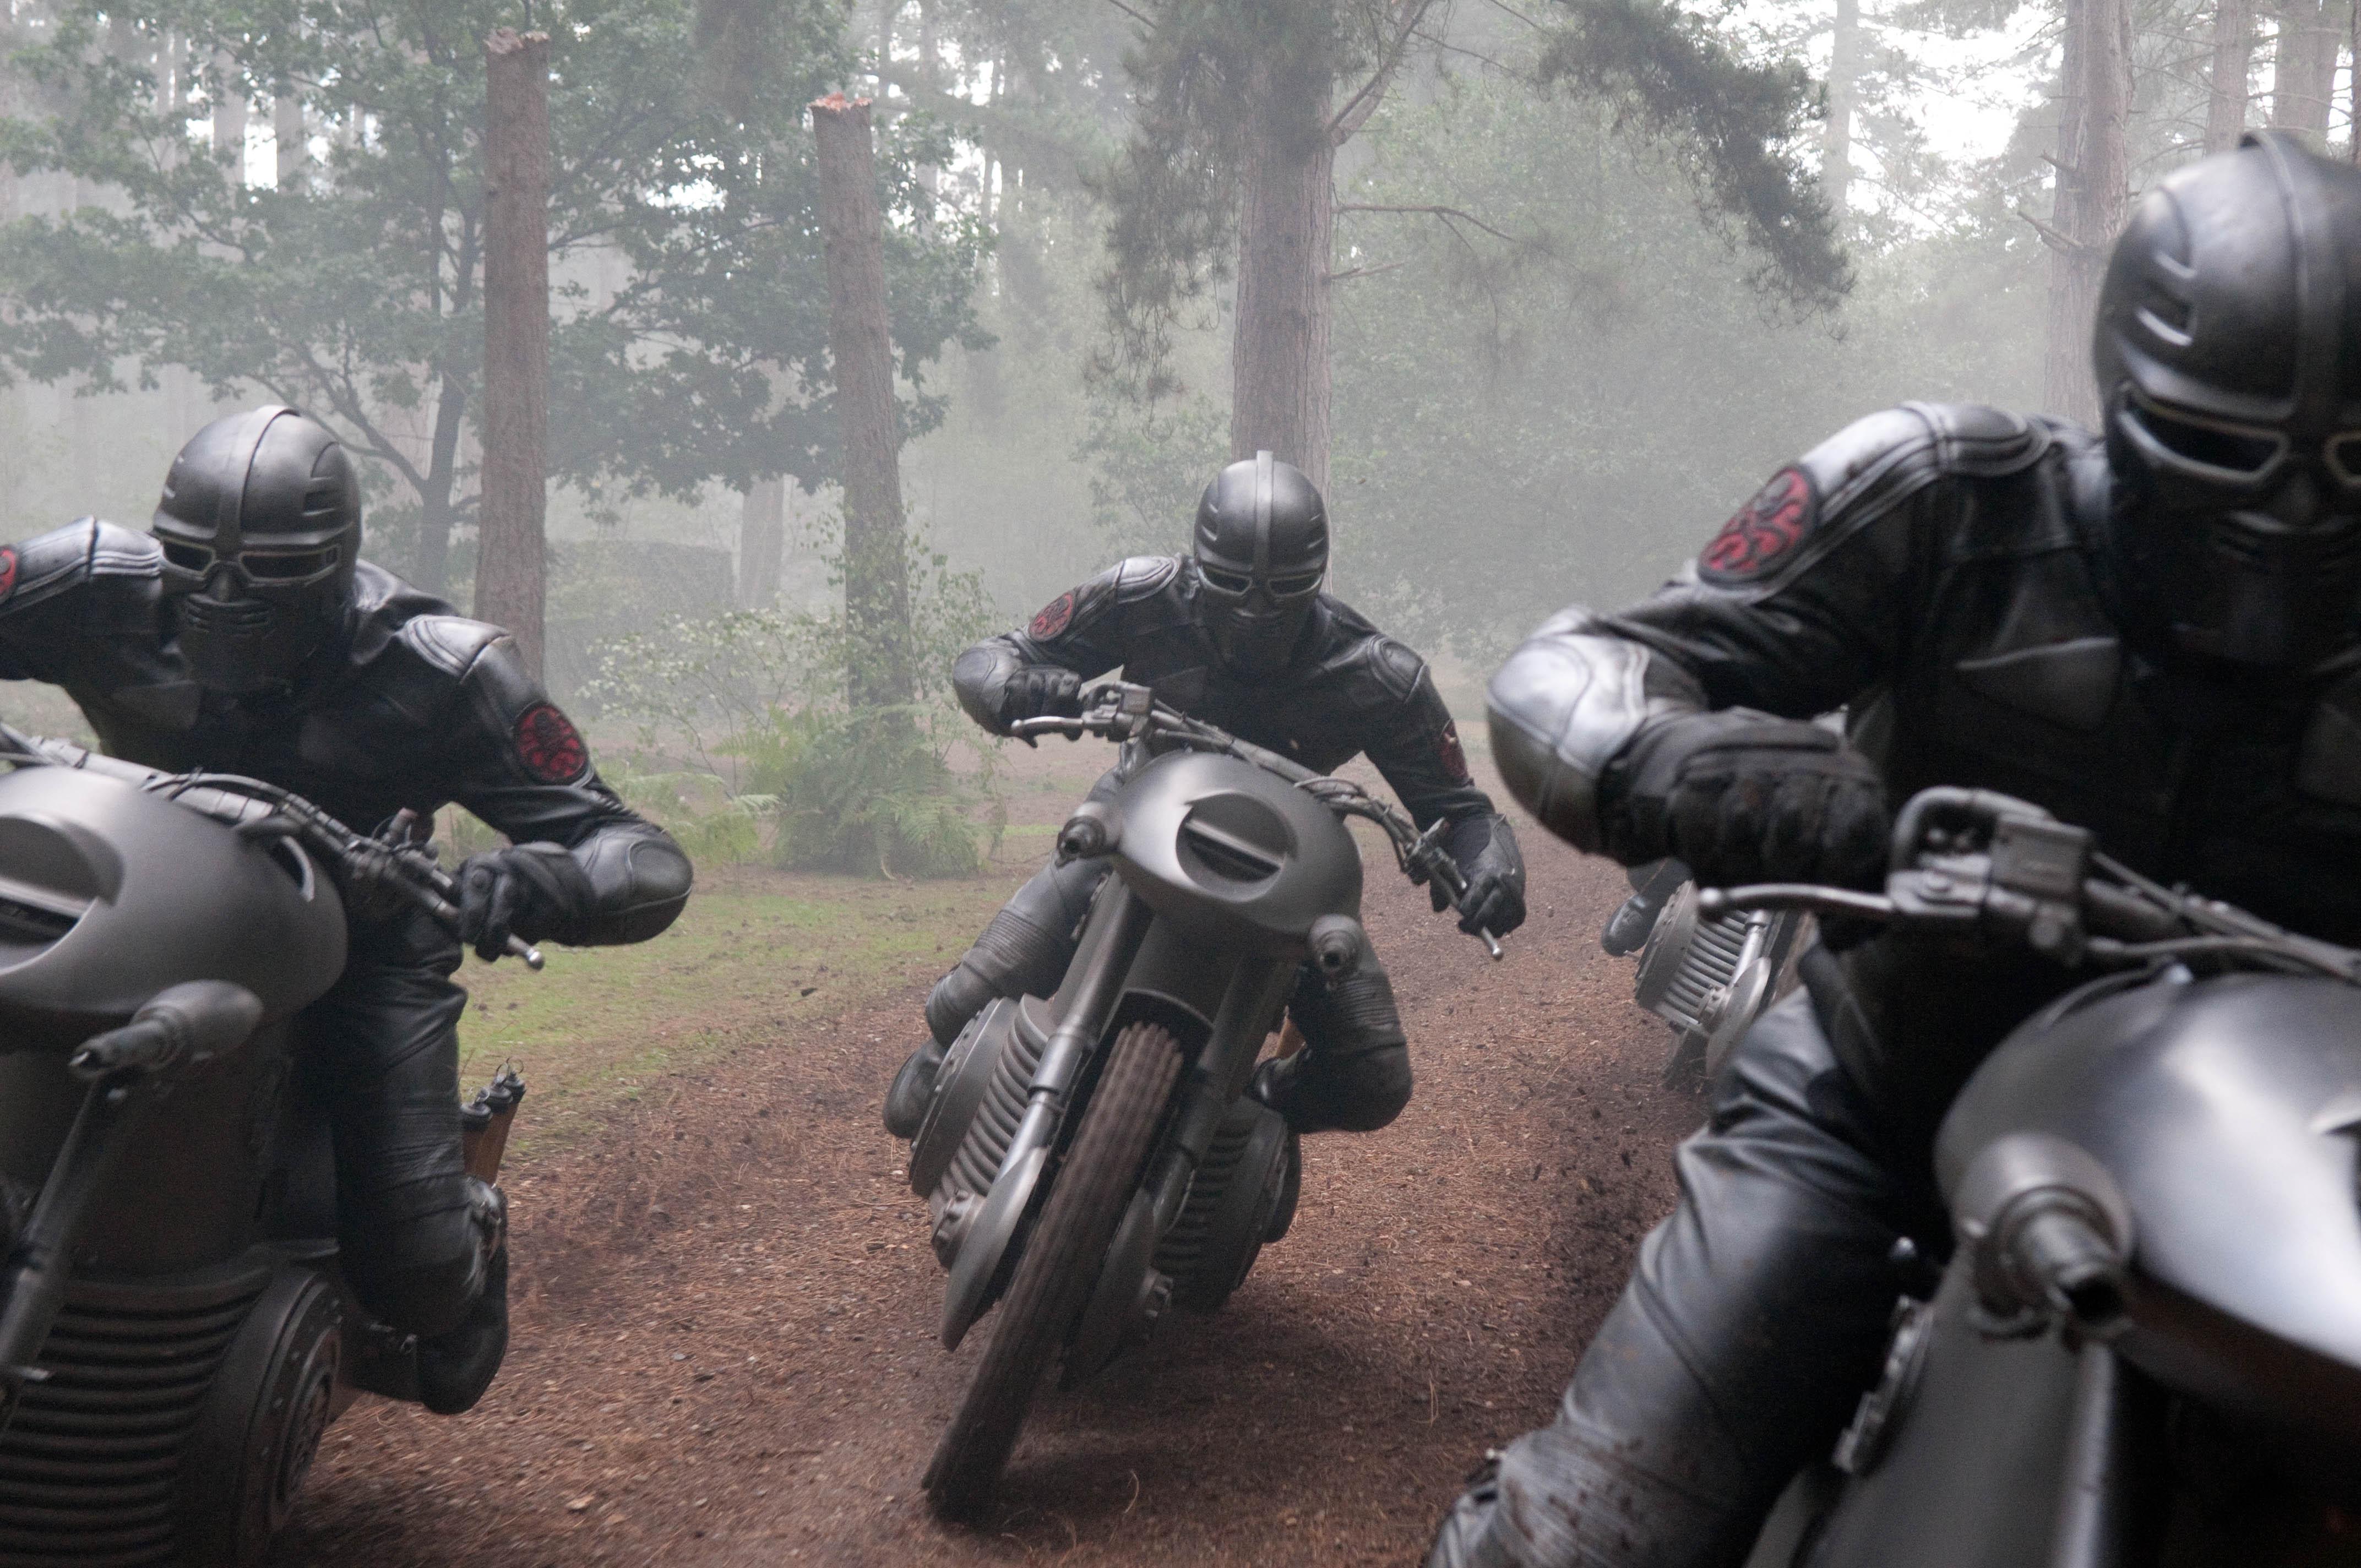 File:HYDRA Motorcycles.jpg